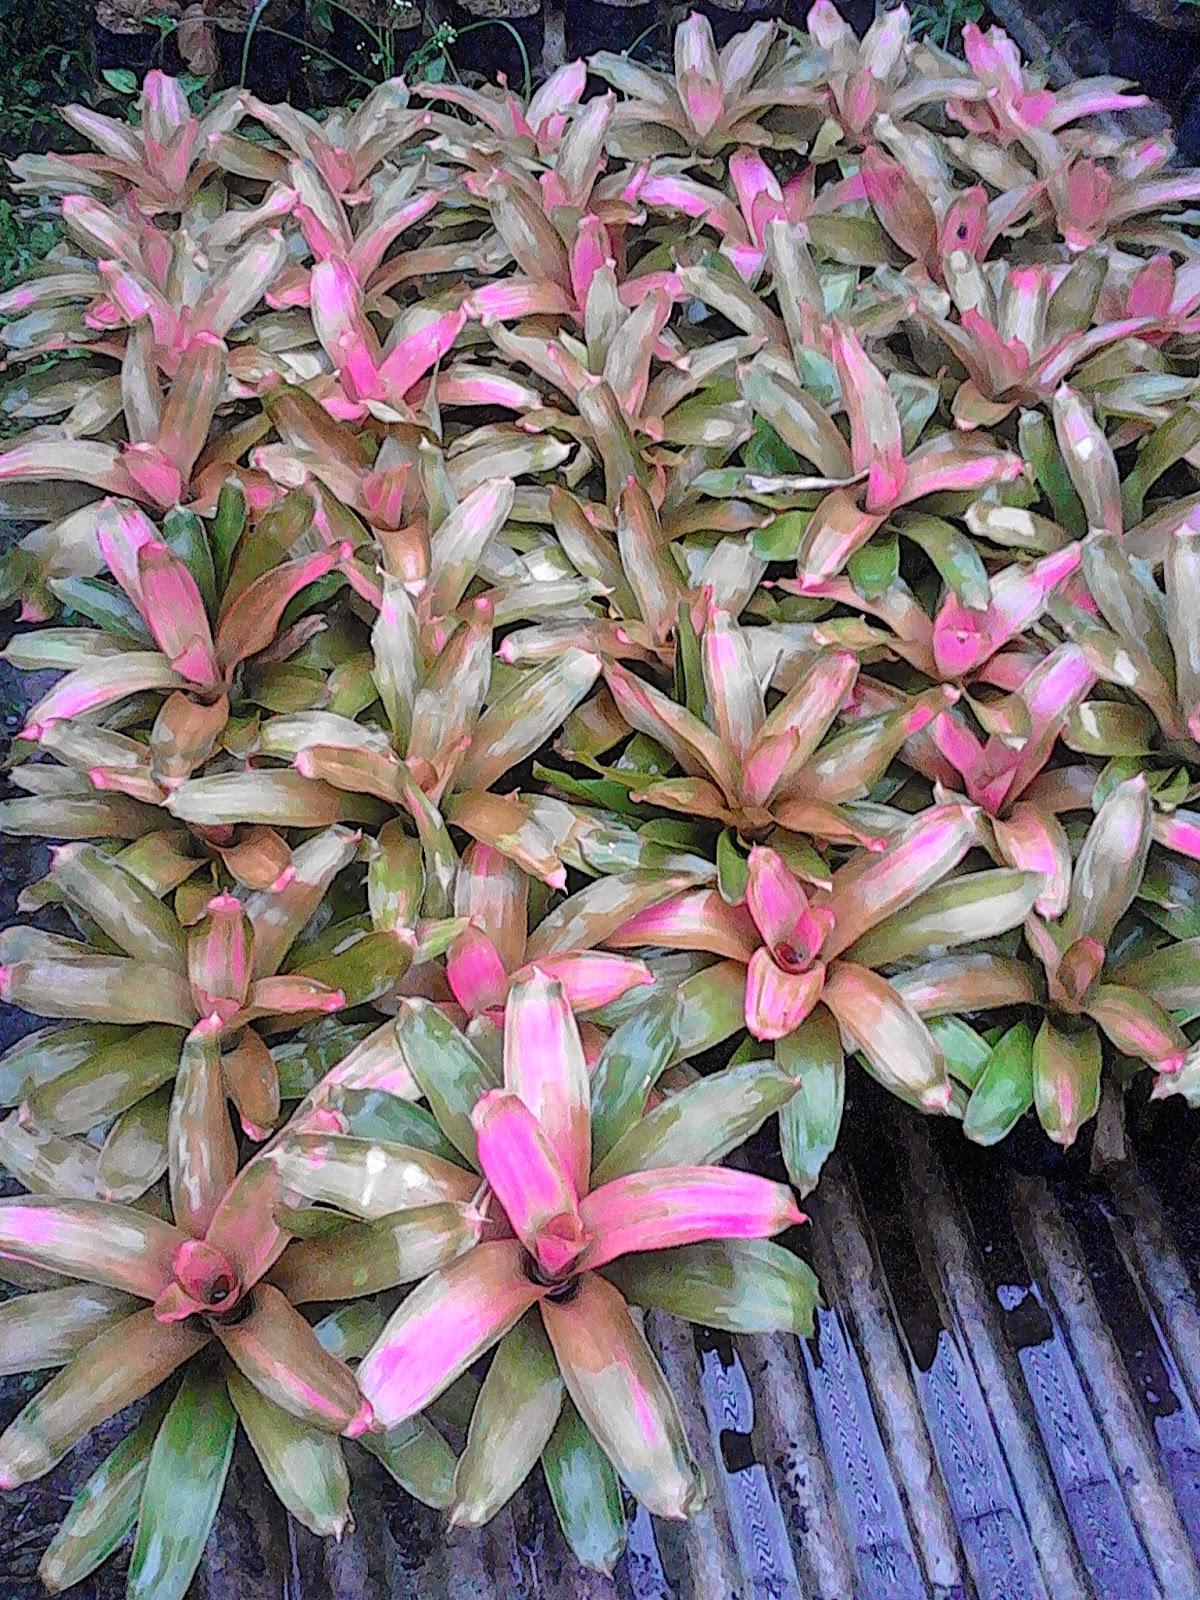 harga bromelia pink grass